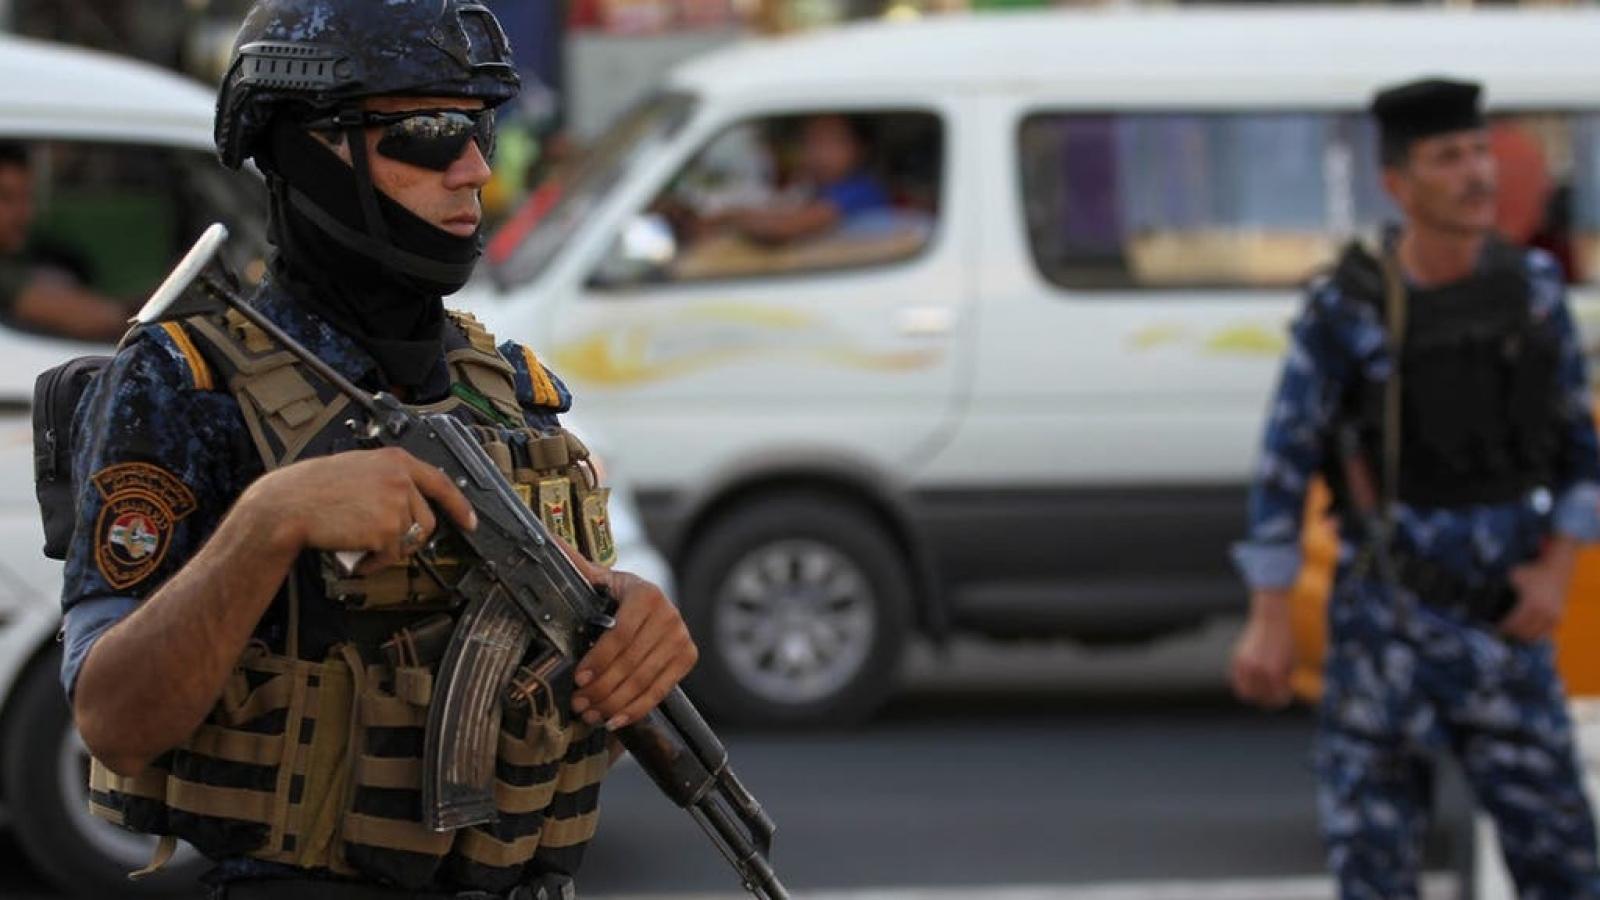 Liên tiếp các vụ tấn công nhằm vào lực lượng an ninh Iraq và liên quân quốc tế